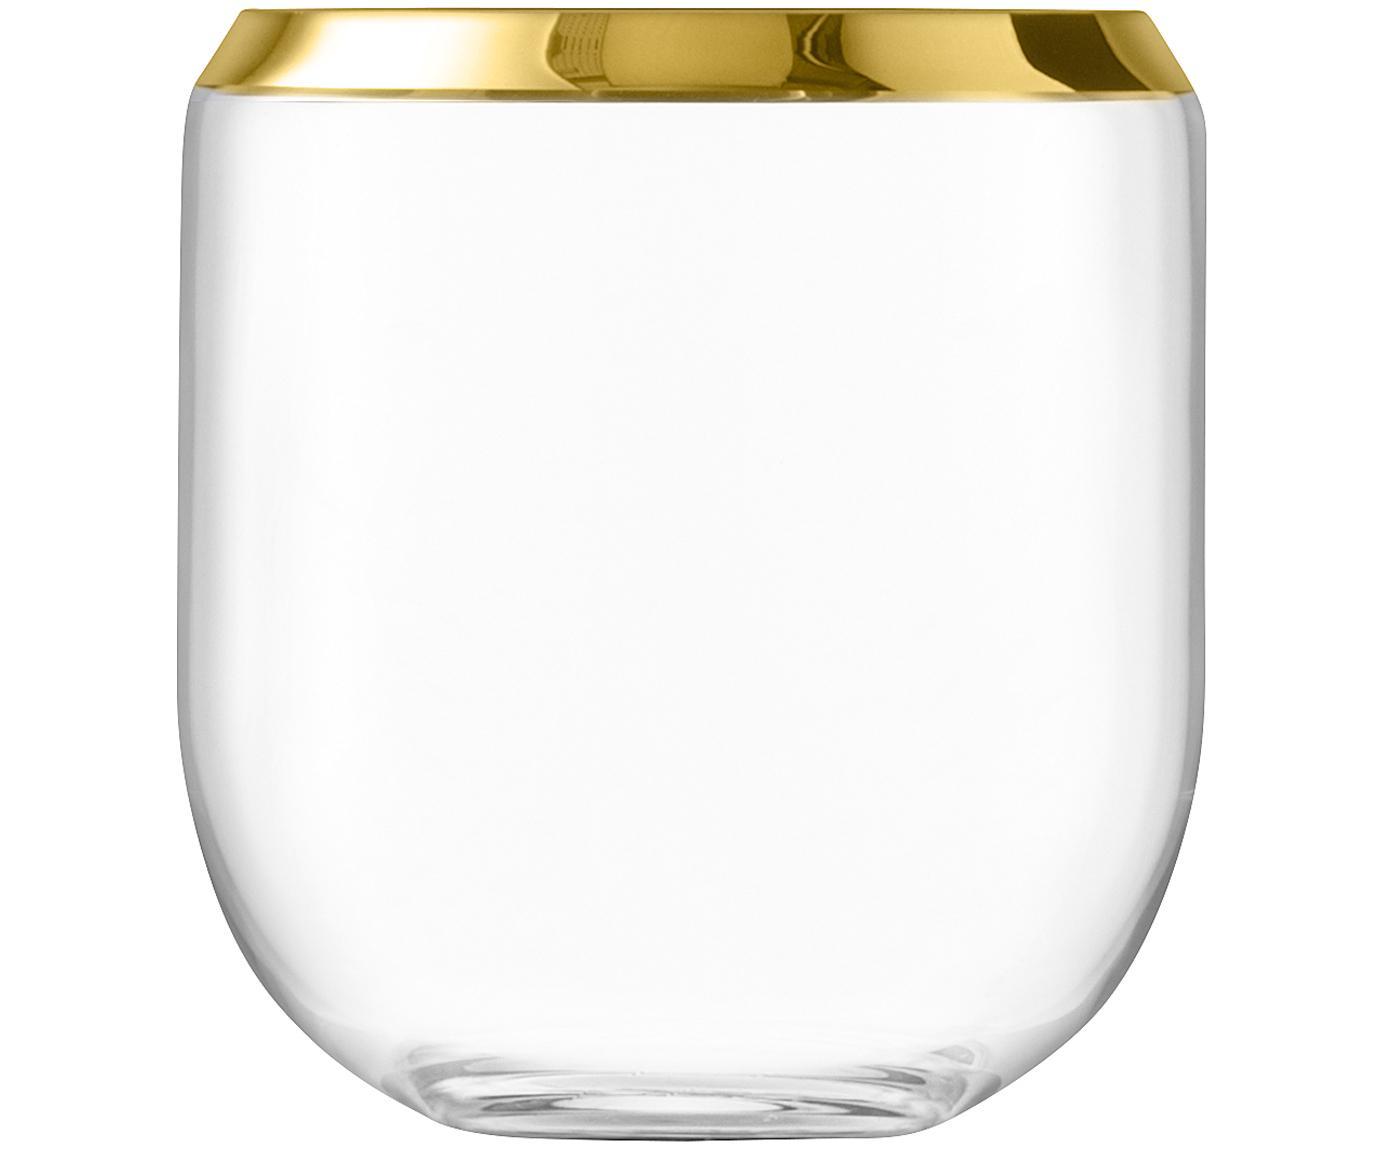 Wazon ze szkła dmuchanego Space, Szkło, Transparentny, odcienie złotego, Ø 18 x W 20 cm